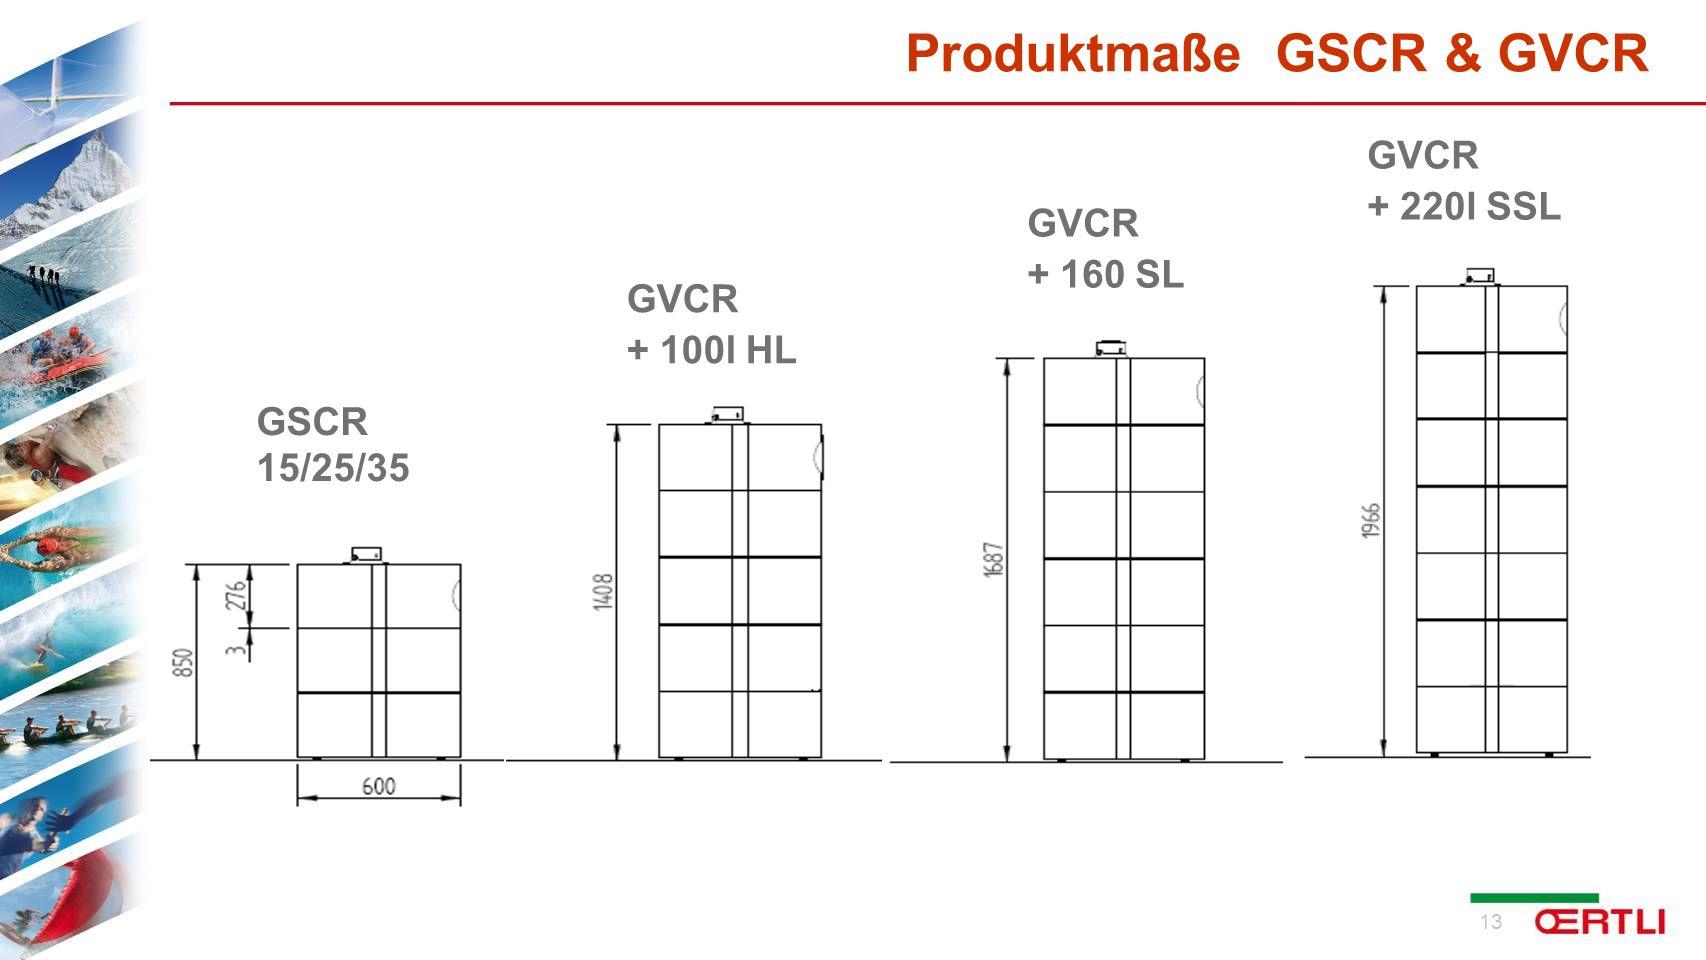 Produktmaße GSCR & GVCR